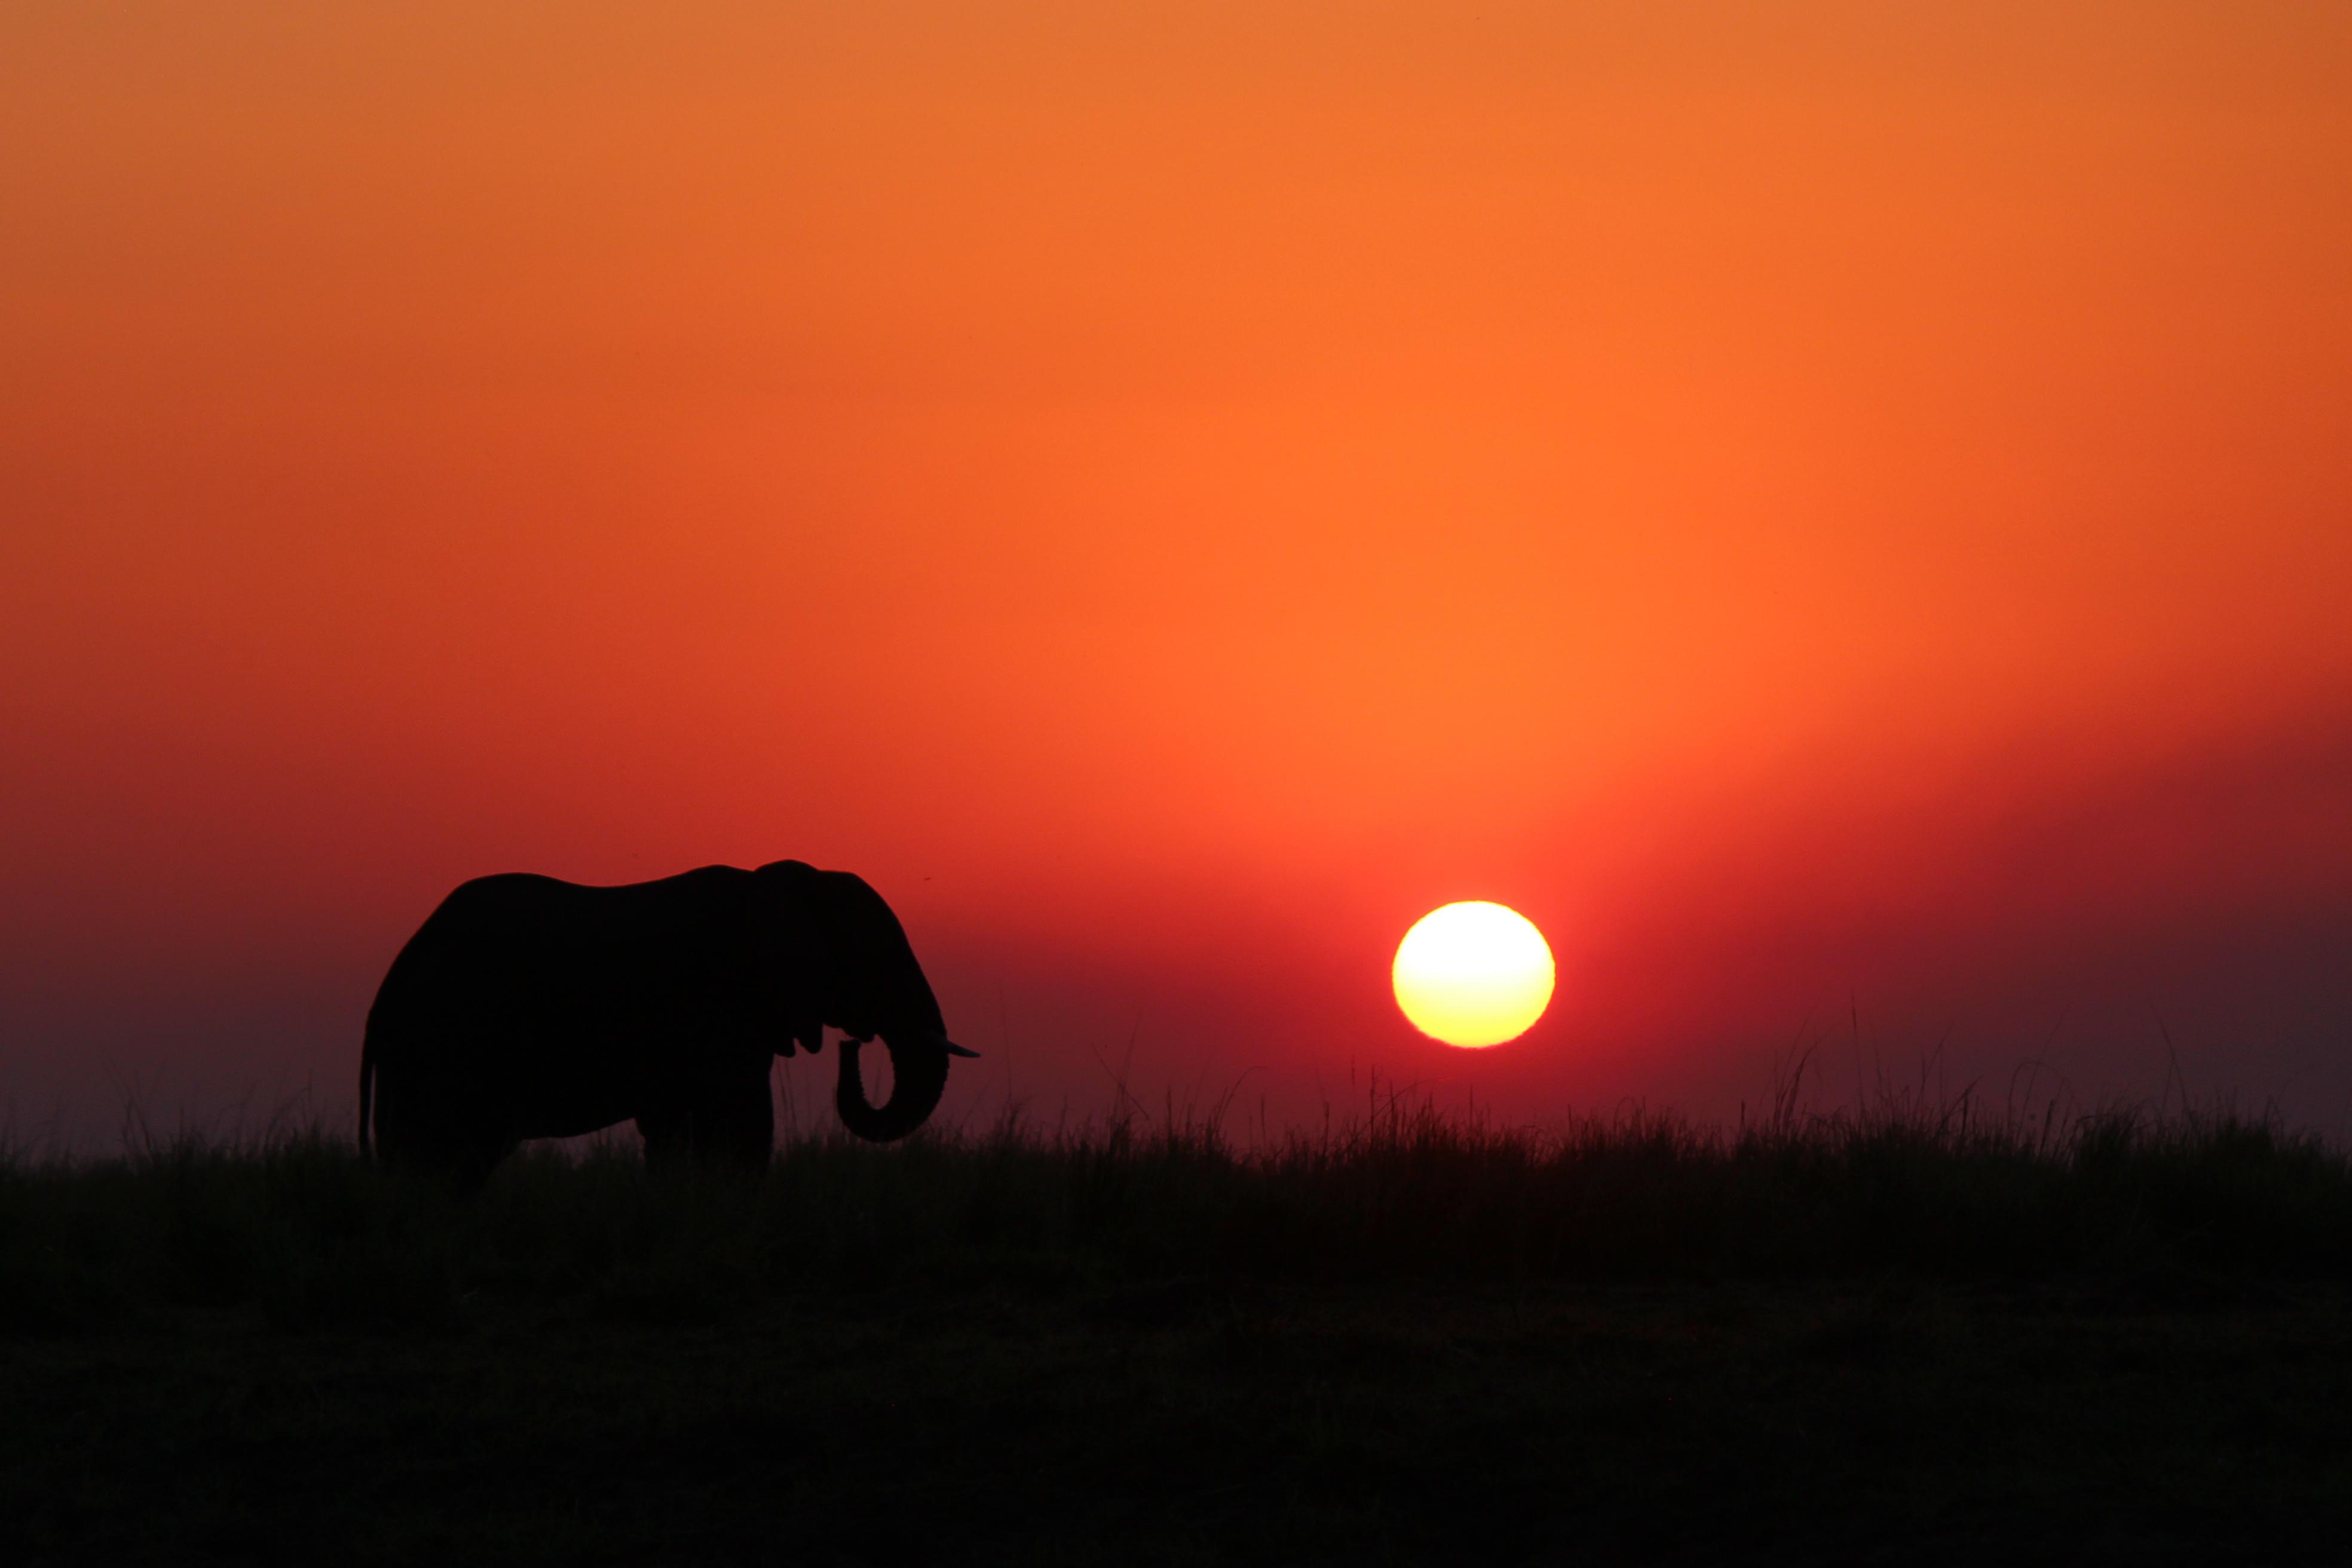 Un éléphant traverse le paysage devant un magnifique coucher de soleil rouge